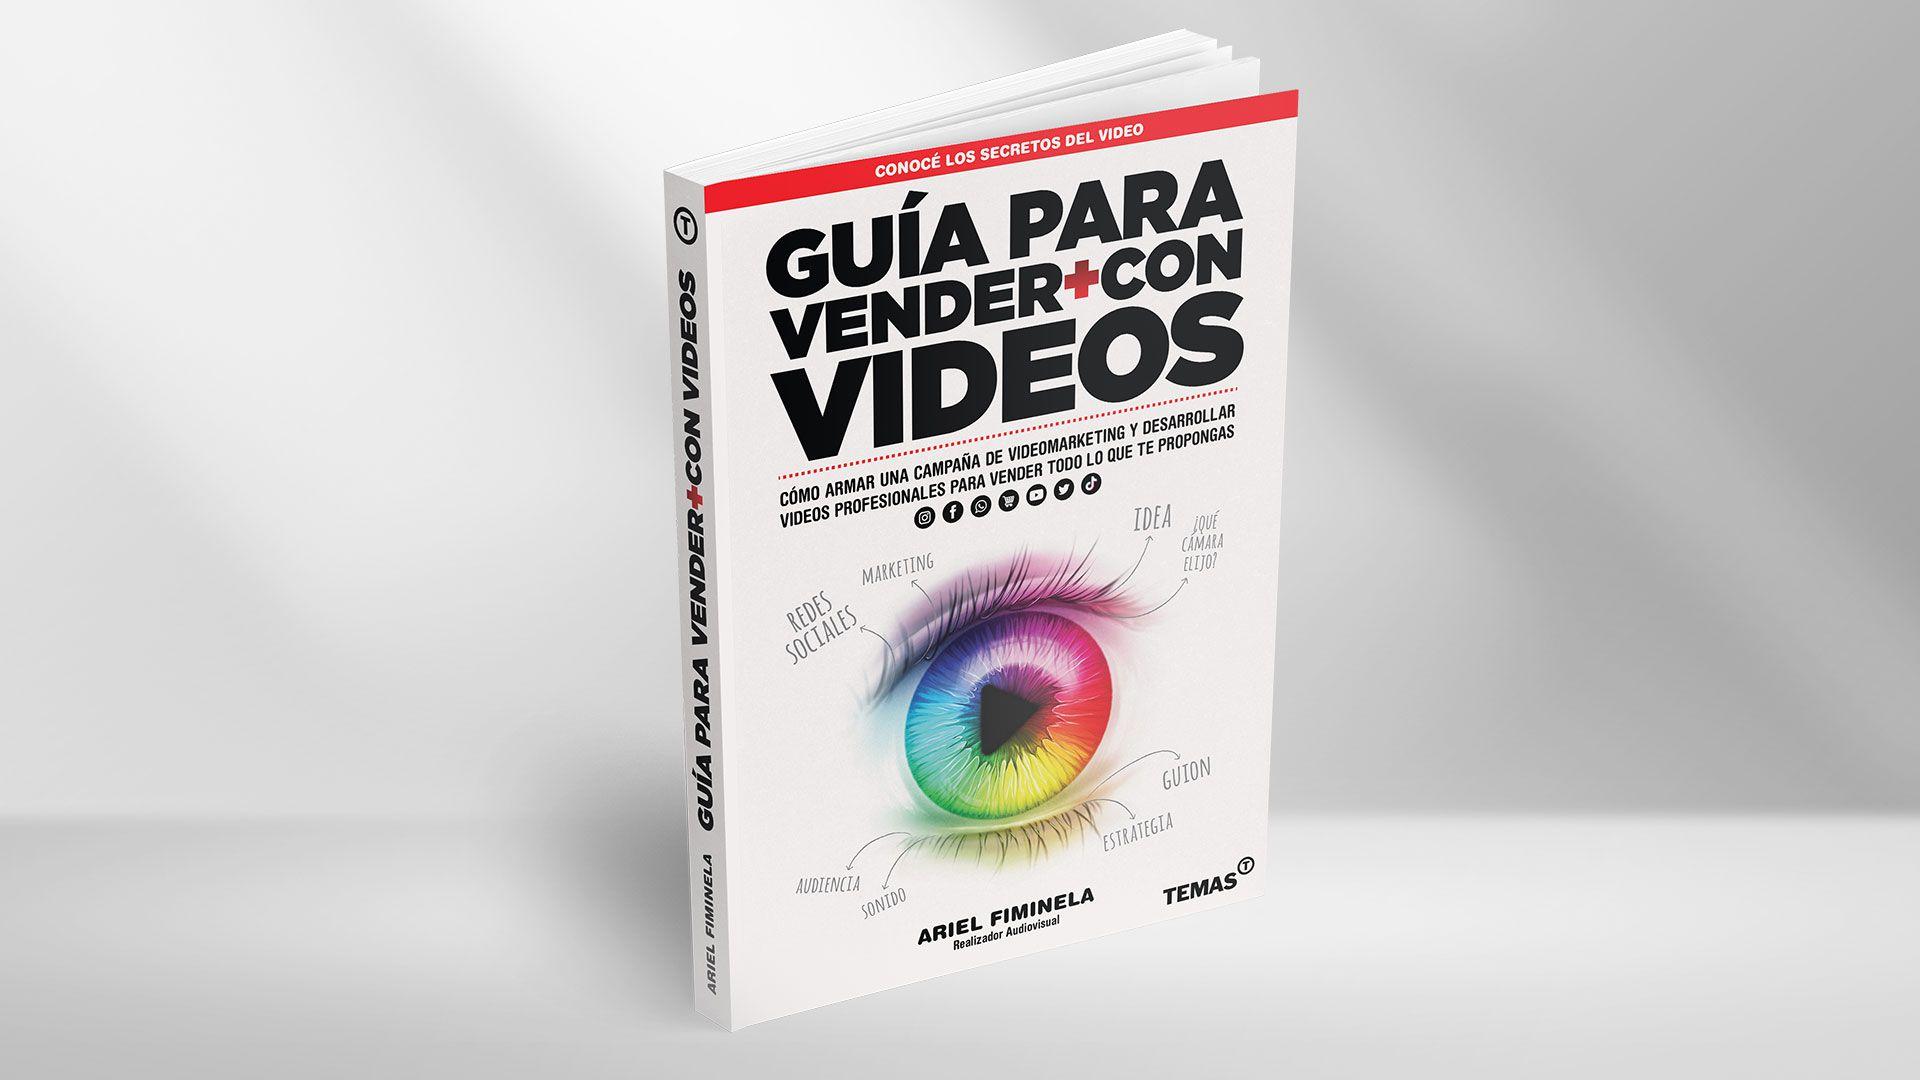 Guia para vender más con videos